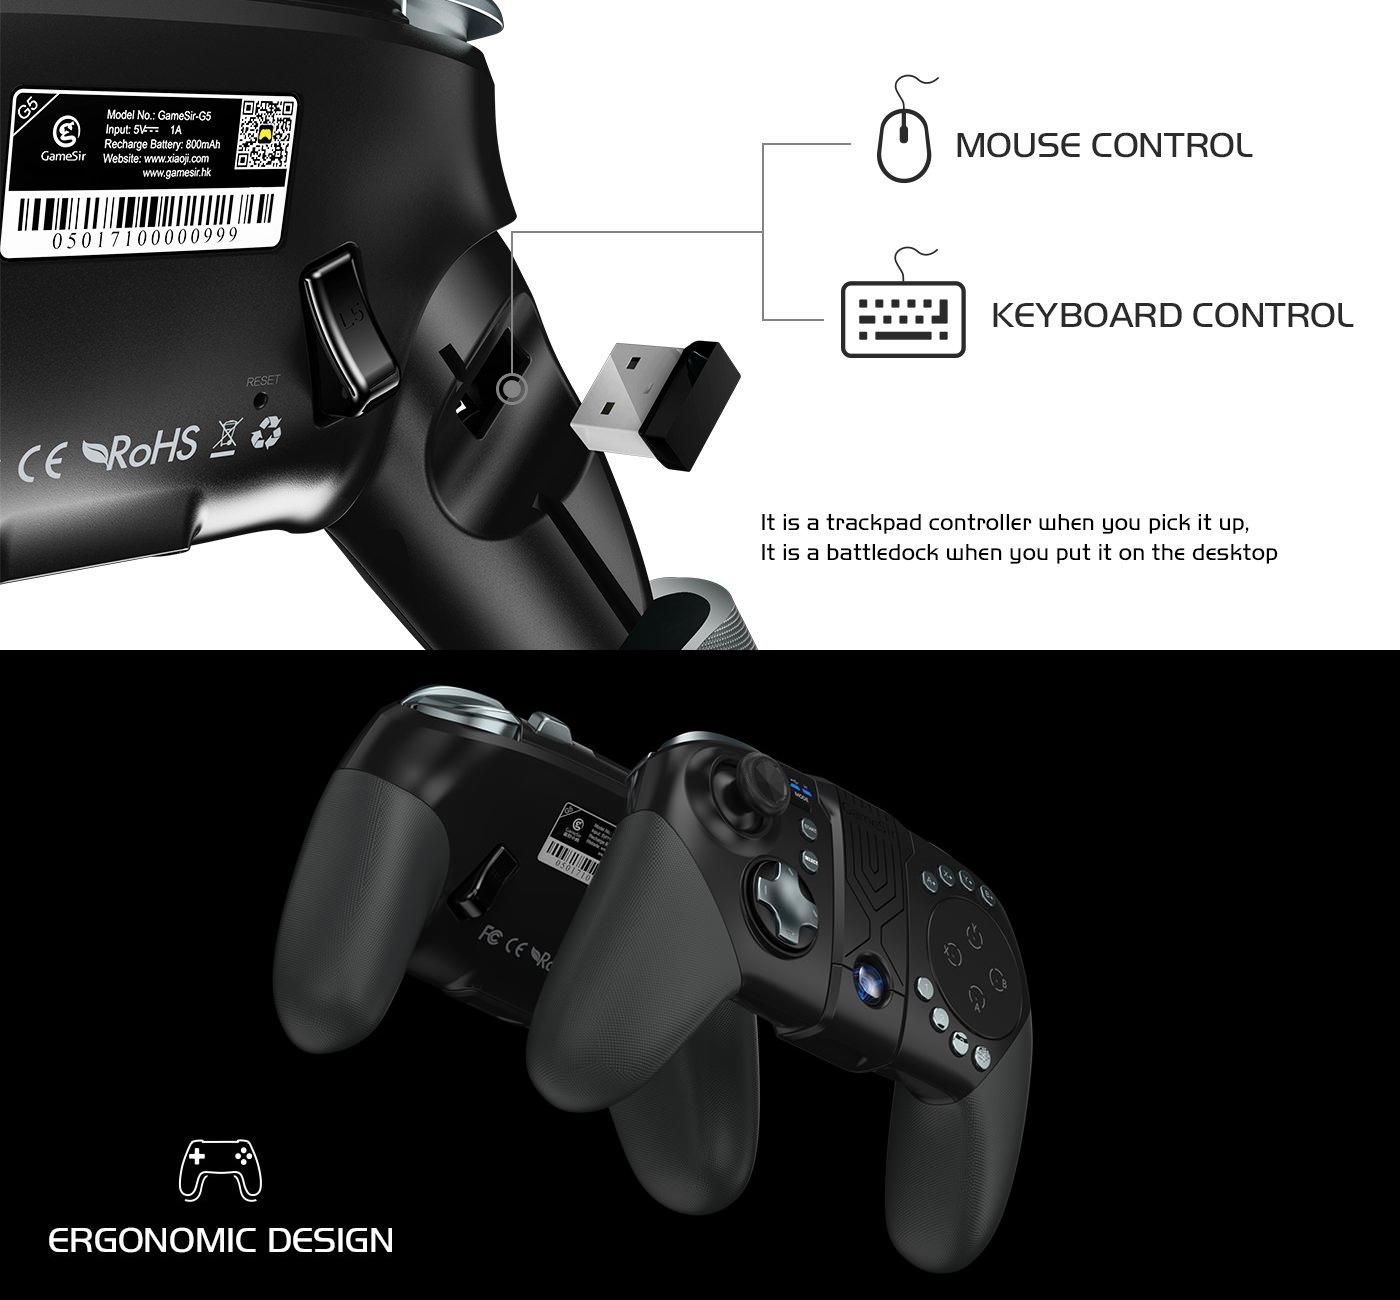 จอยเกมมือถือ Gamesir G5 iOS/Andriod Bluetooth 5.0 สำหรับมือถือ 4-6 นิ้ว จอยเกมส์บลูทธู เกมส์คอนโทรลเลอร์บลูทูธไร้สาย